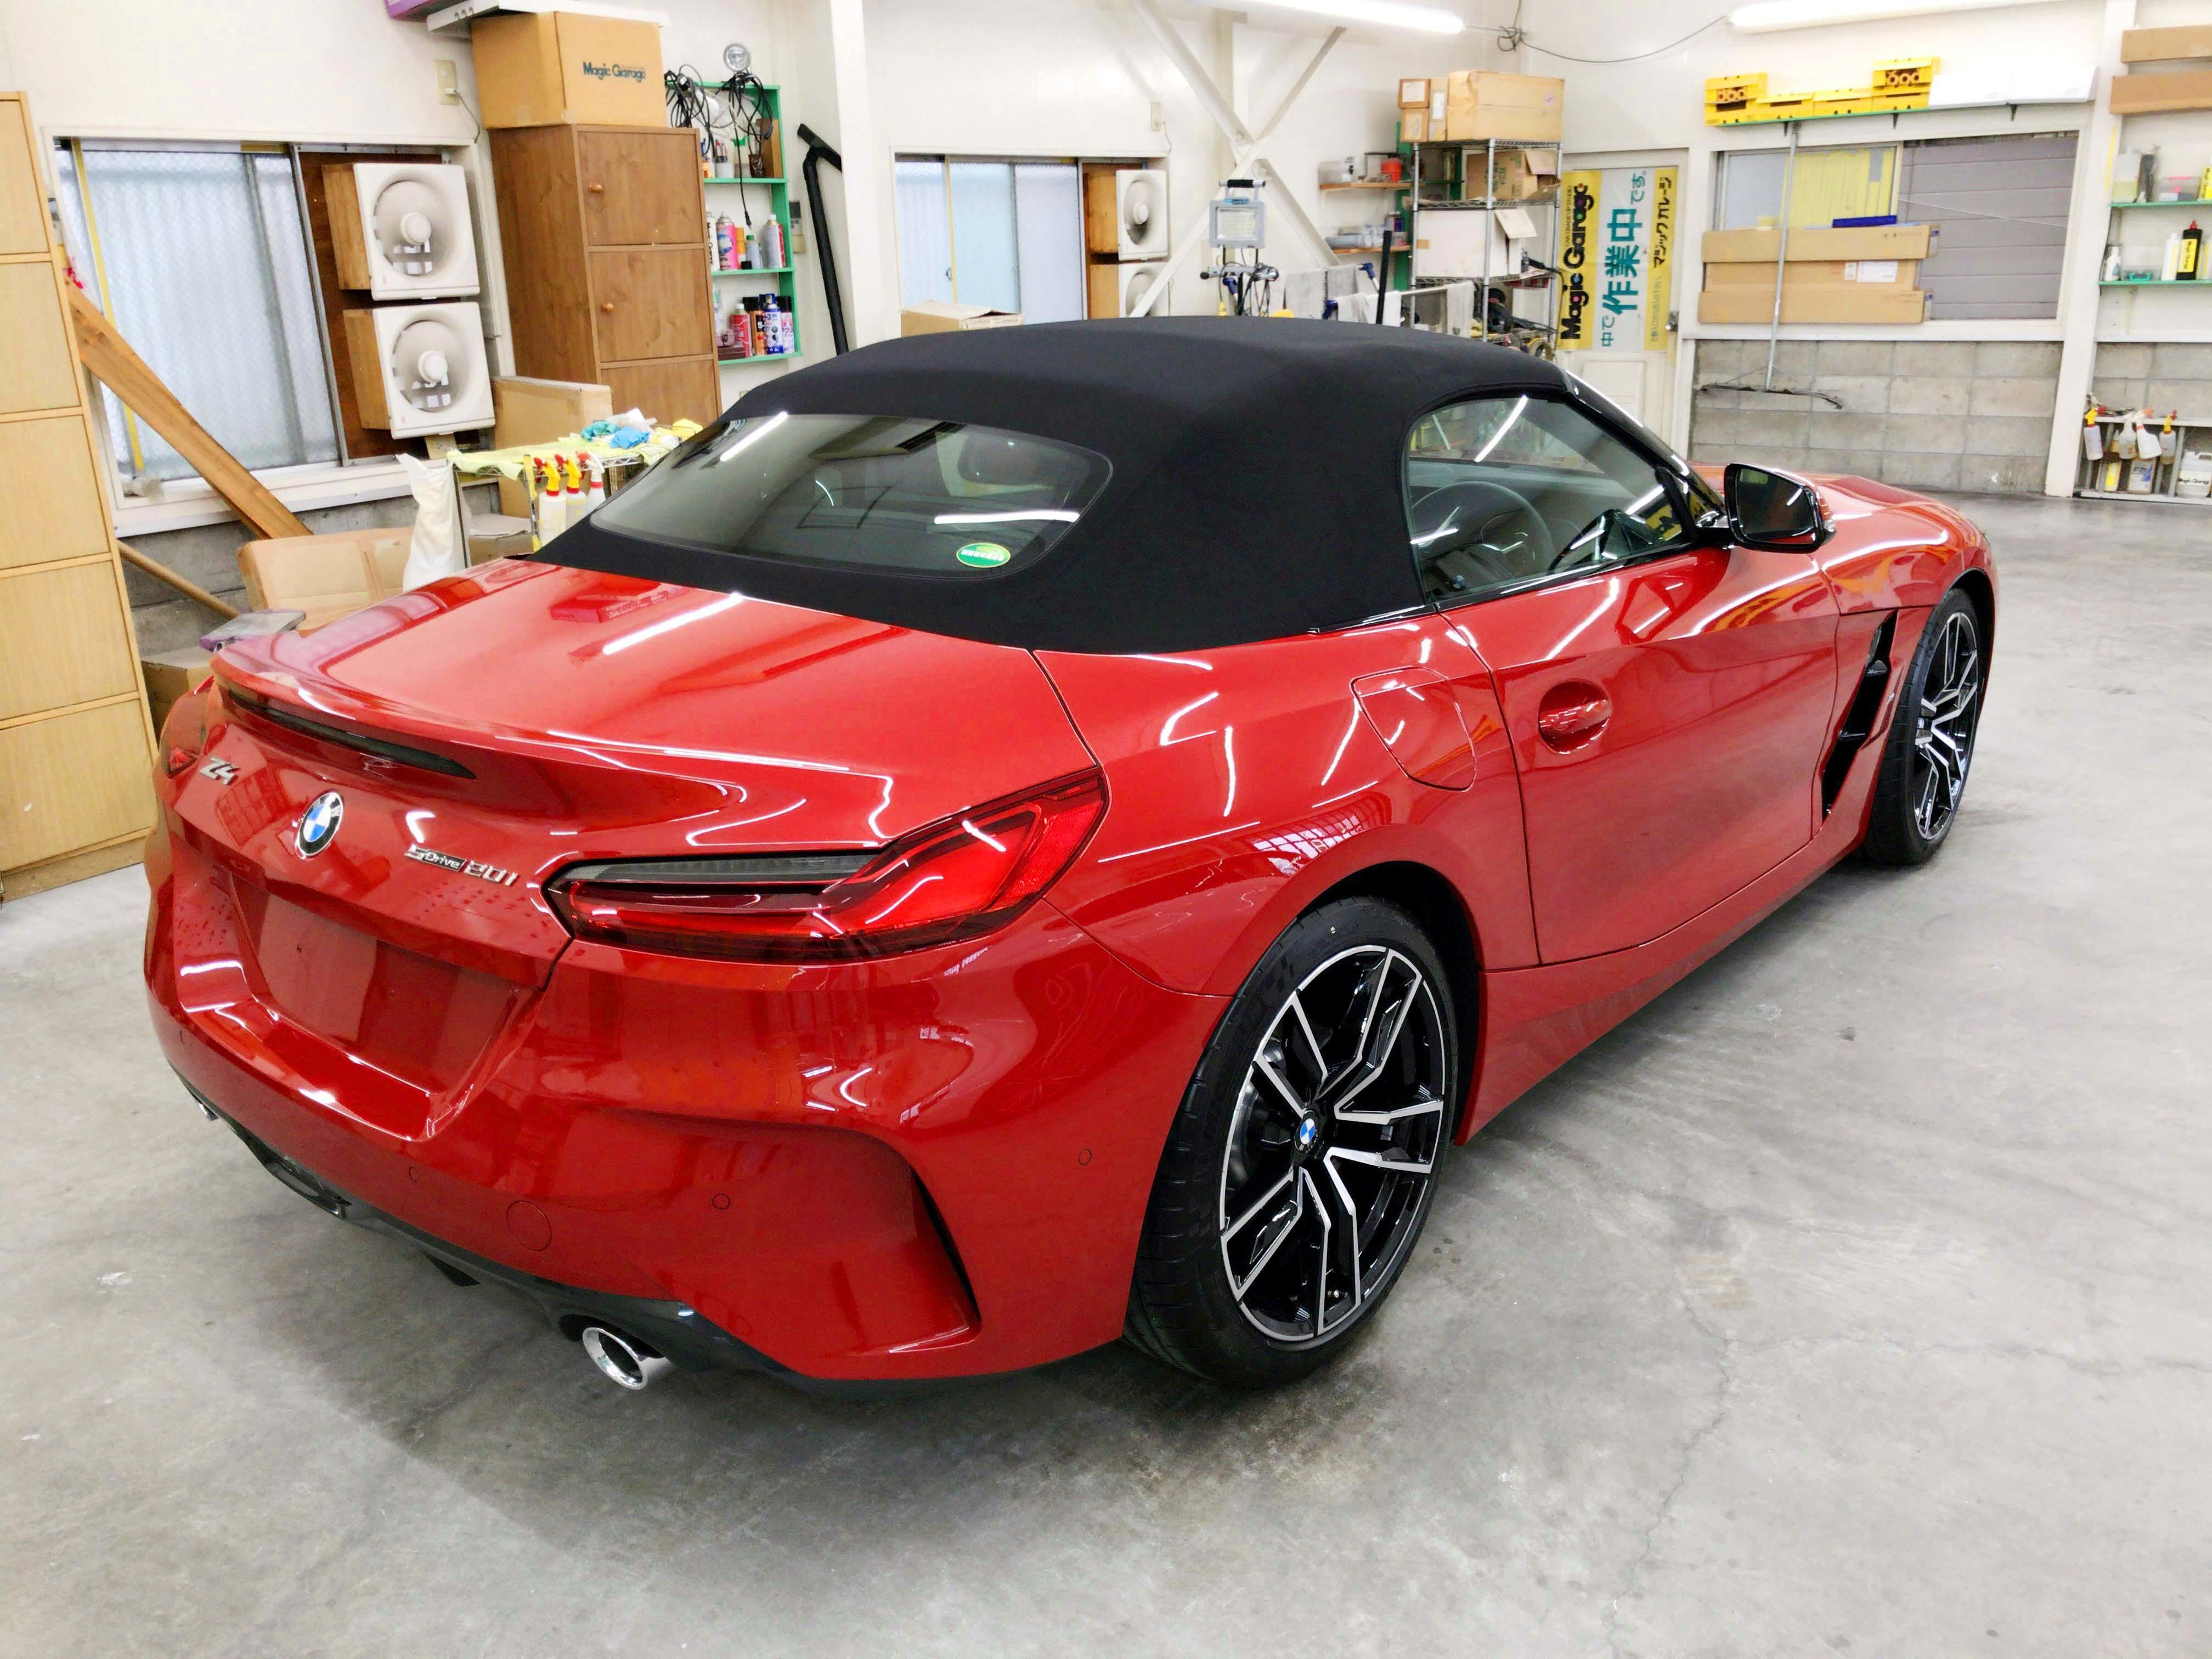 BMW Z4(G29)@スーパークリスタルガイア 03